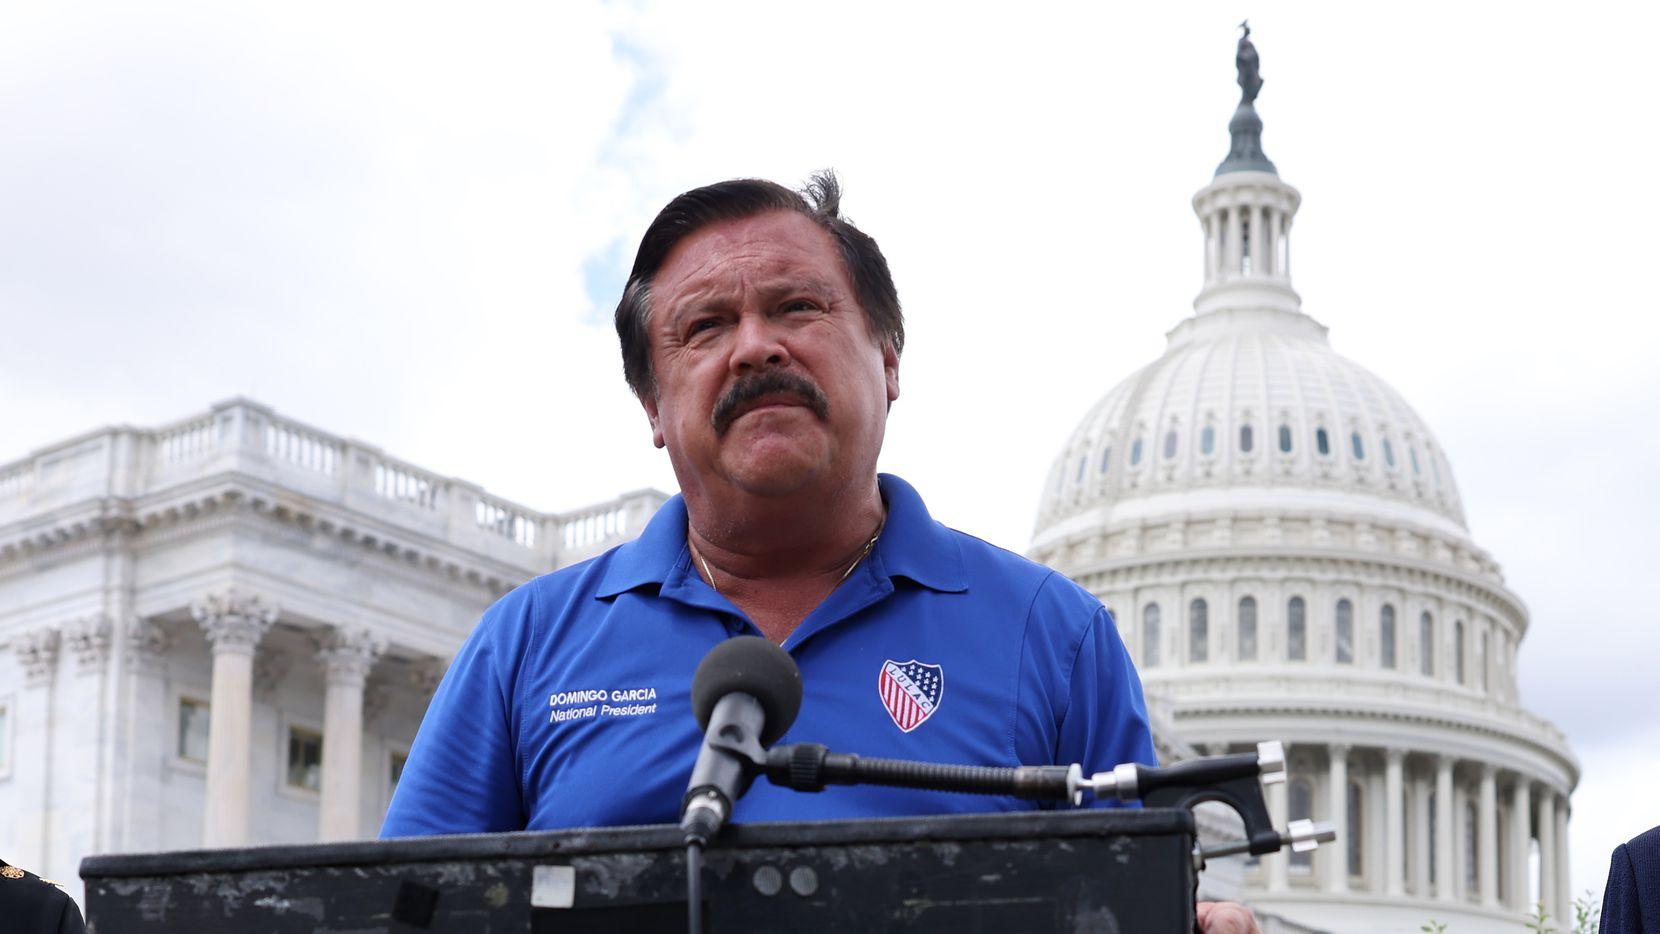 Domingo García, presidente nacional de LULAC, estuvo en el Capitolio hace unos meses a propósito del caso de Vanessa Guillén